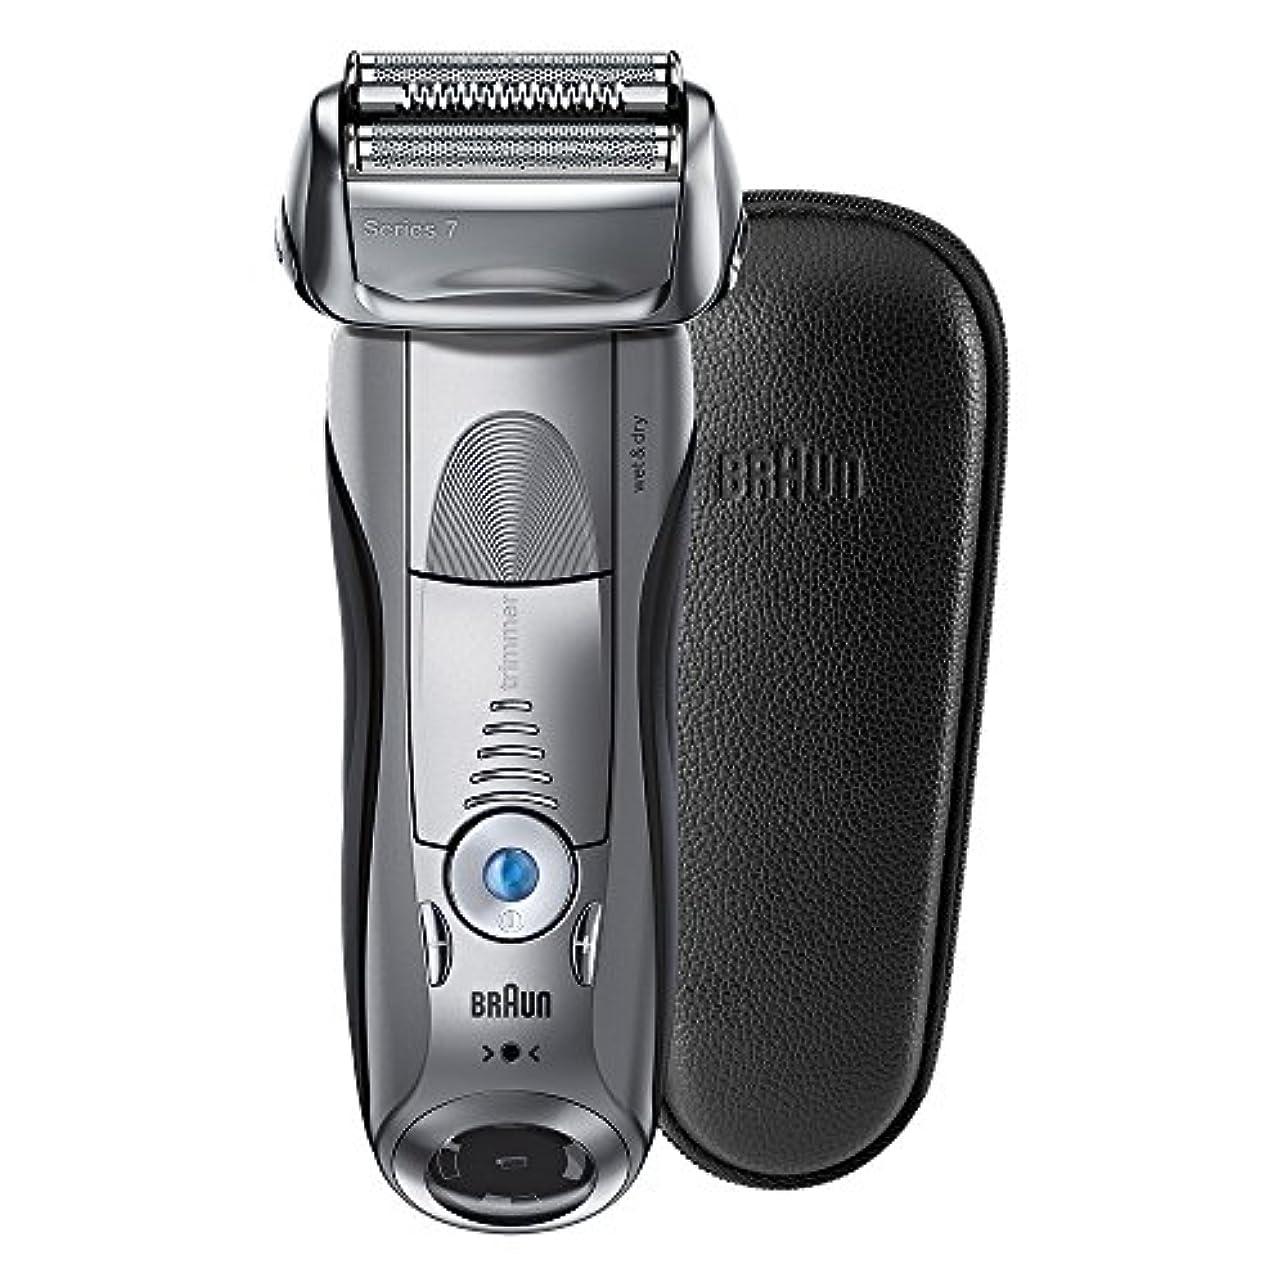 うつ有効な強風ブラウン メンズ電気シェーバー シリーズ7 7893s-SP 4カットシステム 水洗い/お風呂剃り可 本革ケース付